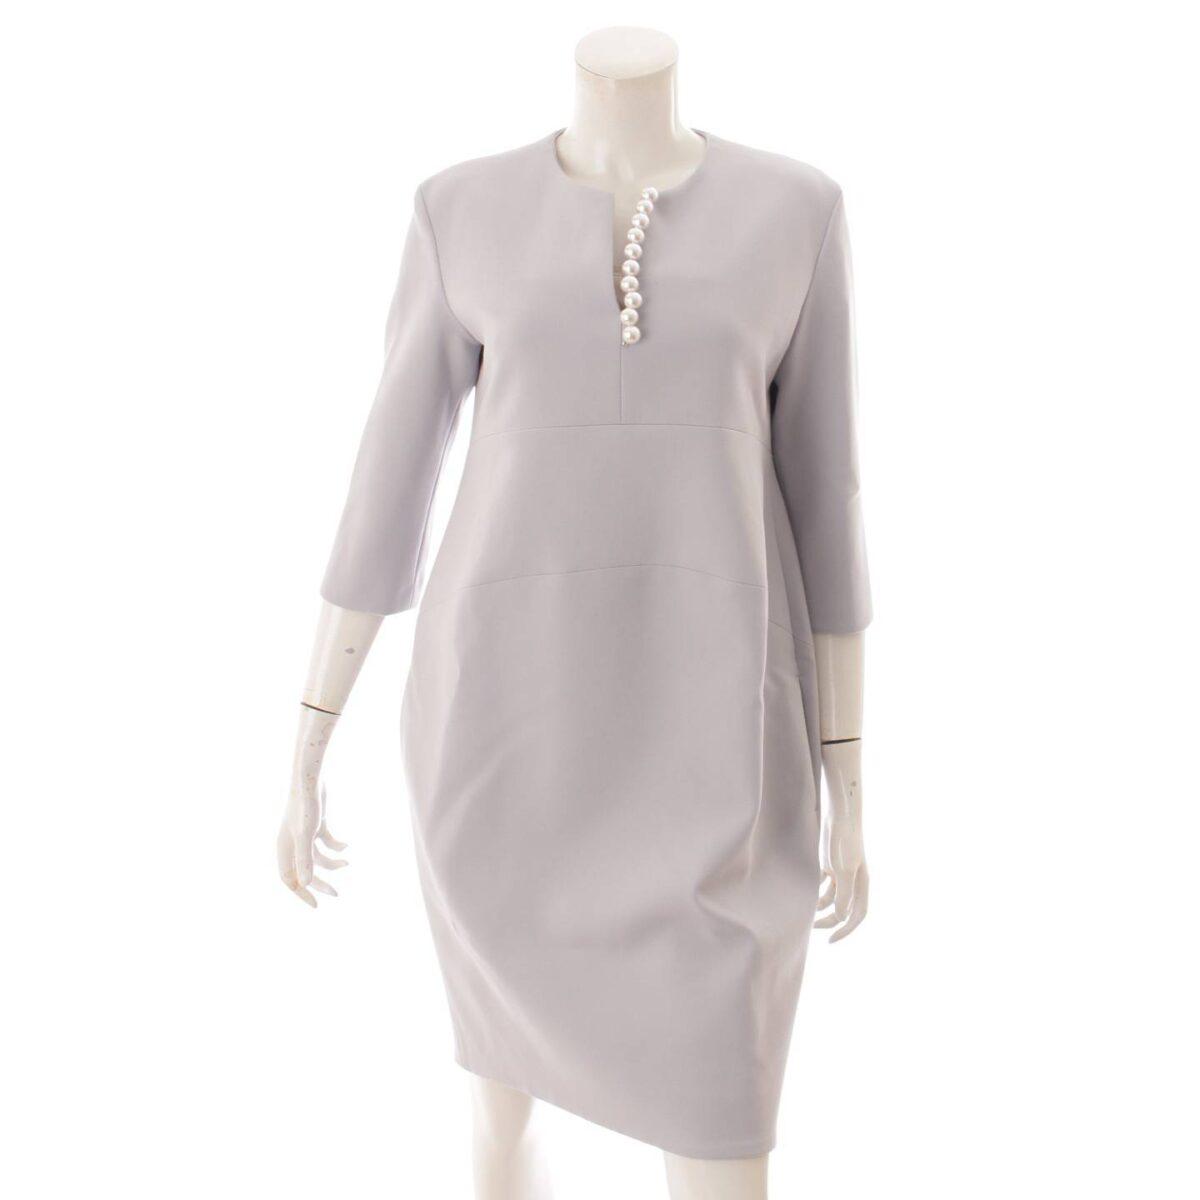 ヨーコチャン 20年 七分袖 パール スリットラインドレス ワンピース YCD-120-567 サックス